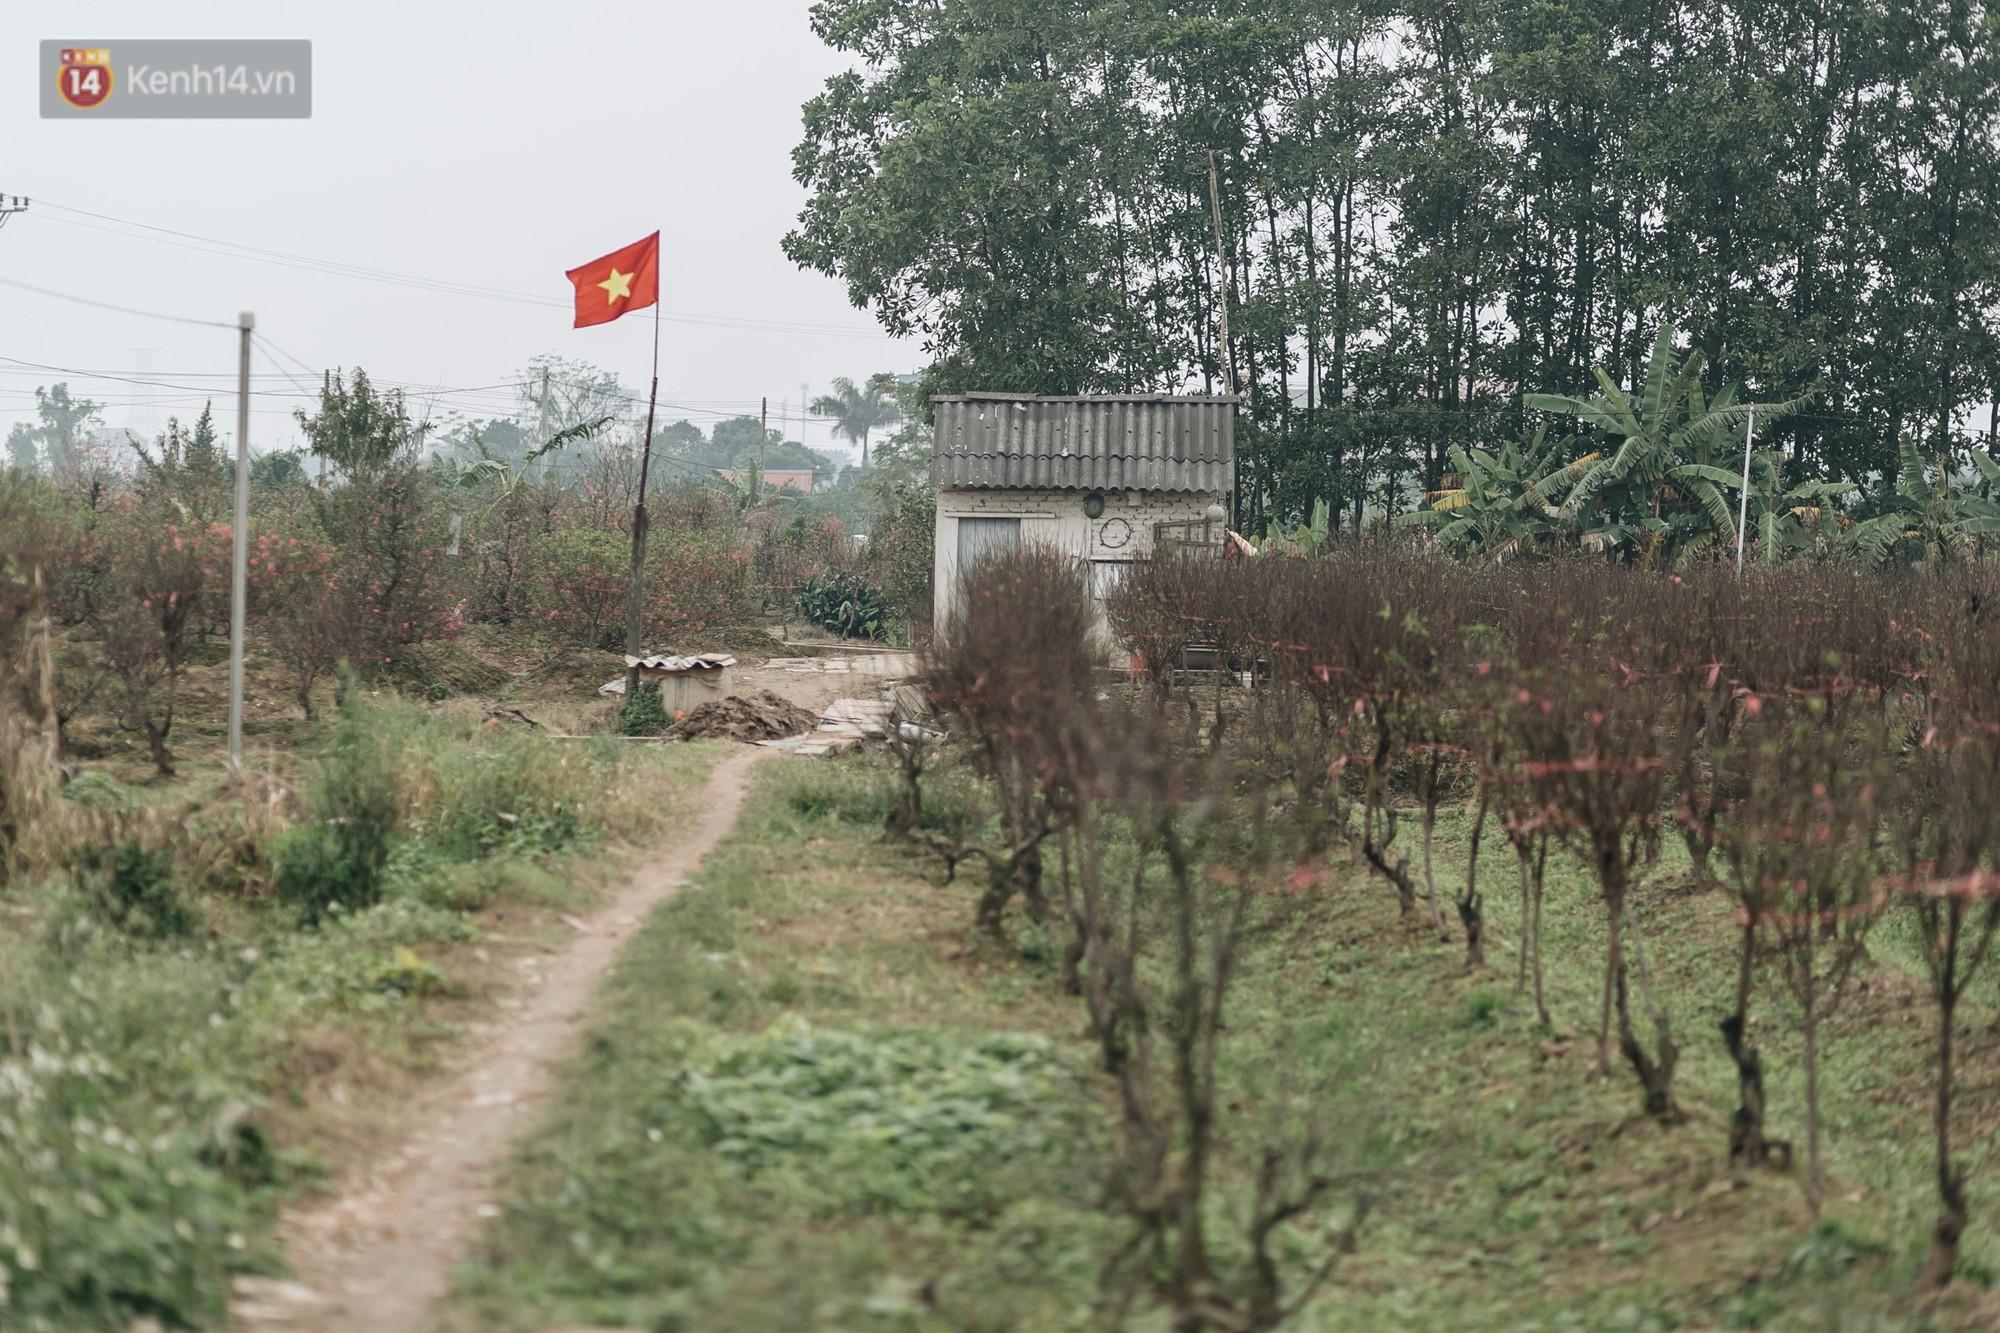 Gần 200 gốc đào của người dân Bắc Ninh bị chặt phá trong đêm: Tết năm nay còn chả có bánh chưng mà ăn - Ảnh 18.